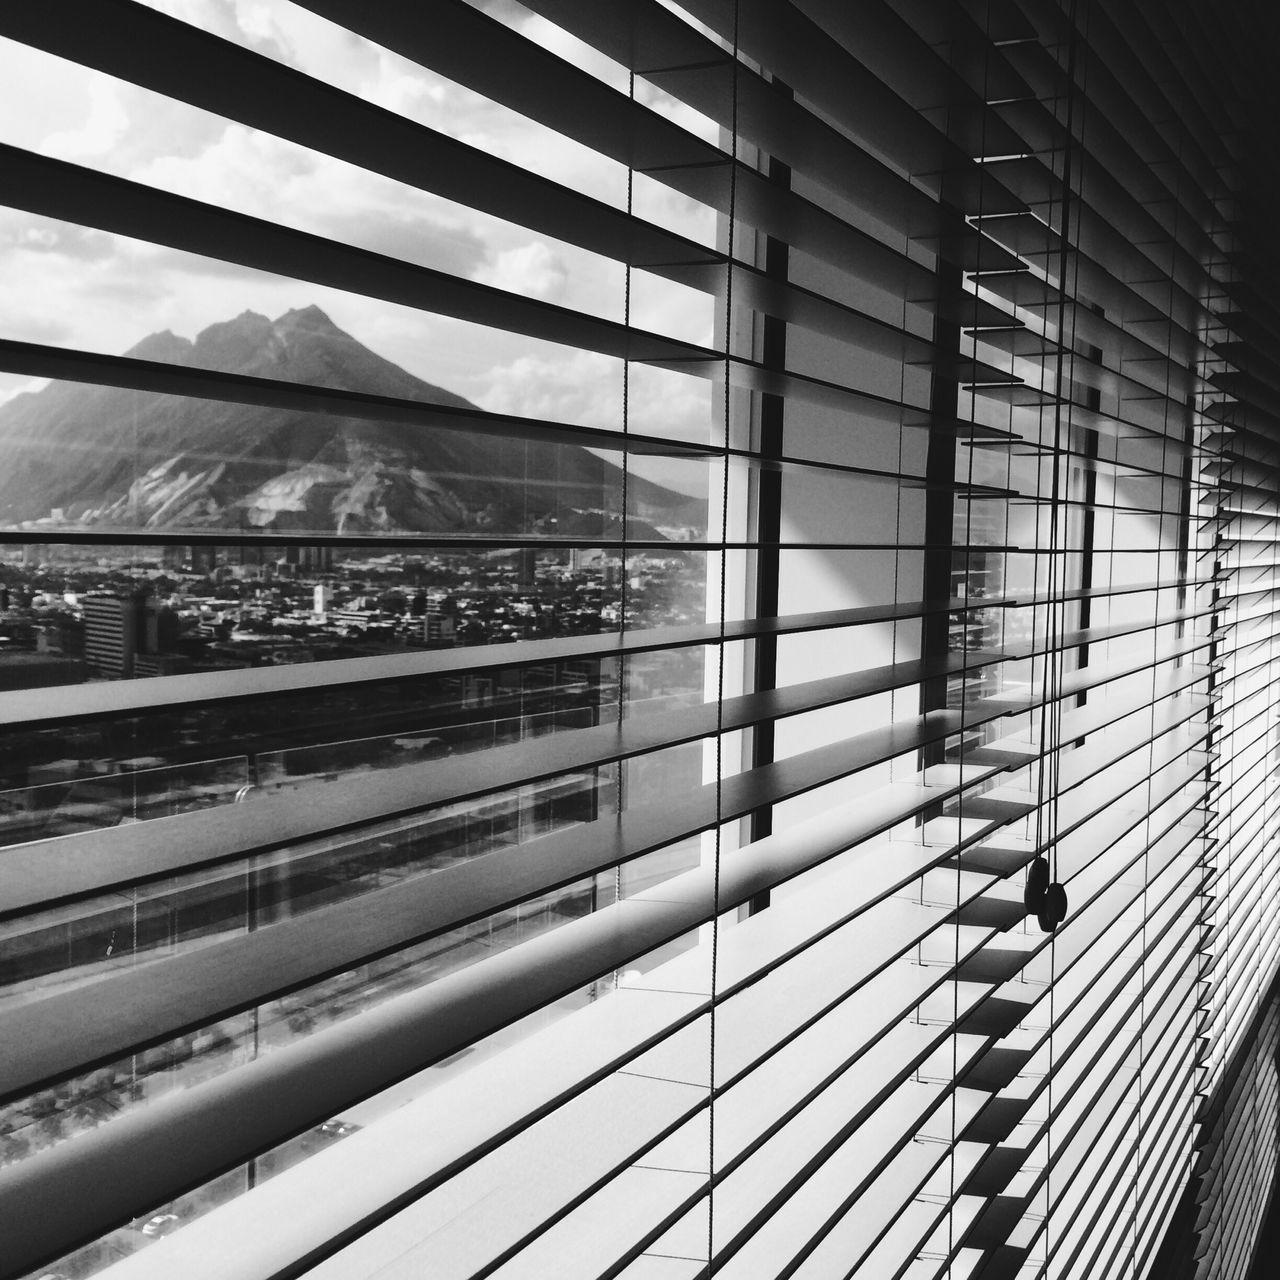 City seen through blinds